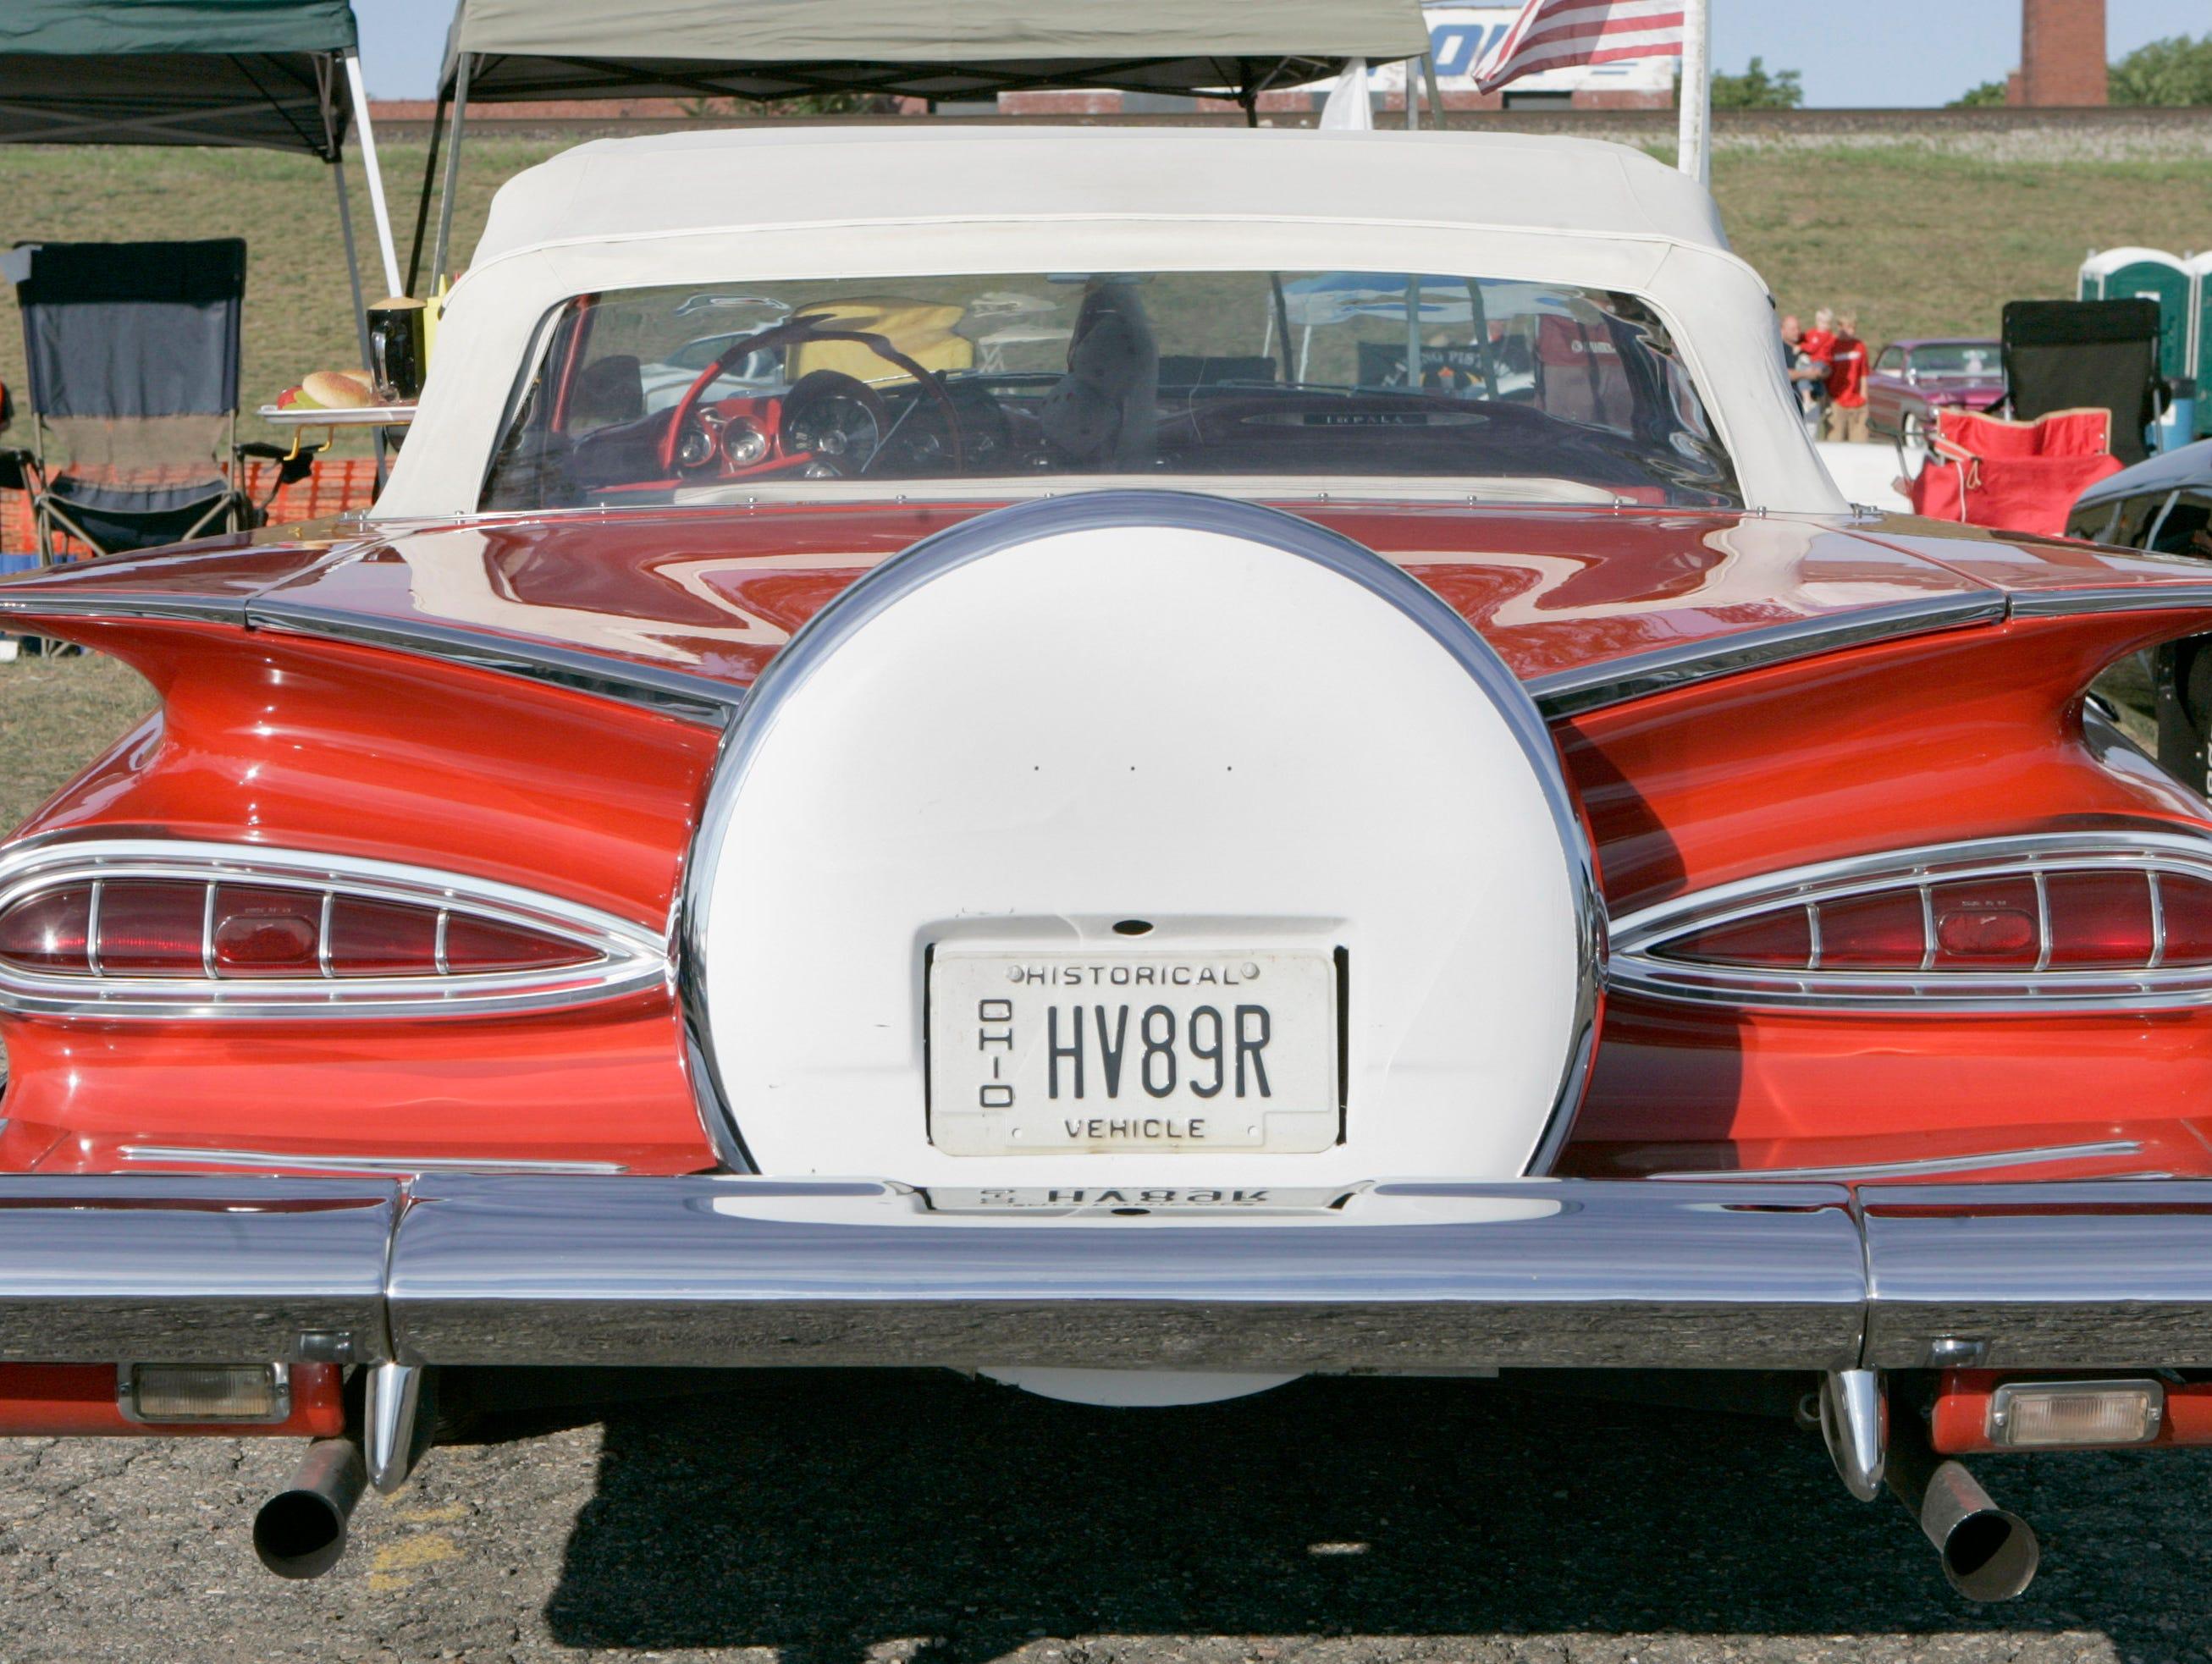 A 1961 Chevrolet Impala on Woodward  in Pontiac, Aug. 18, 2007.